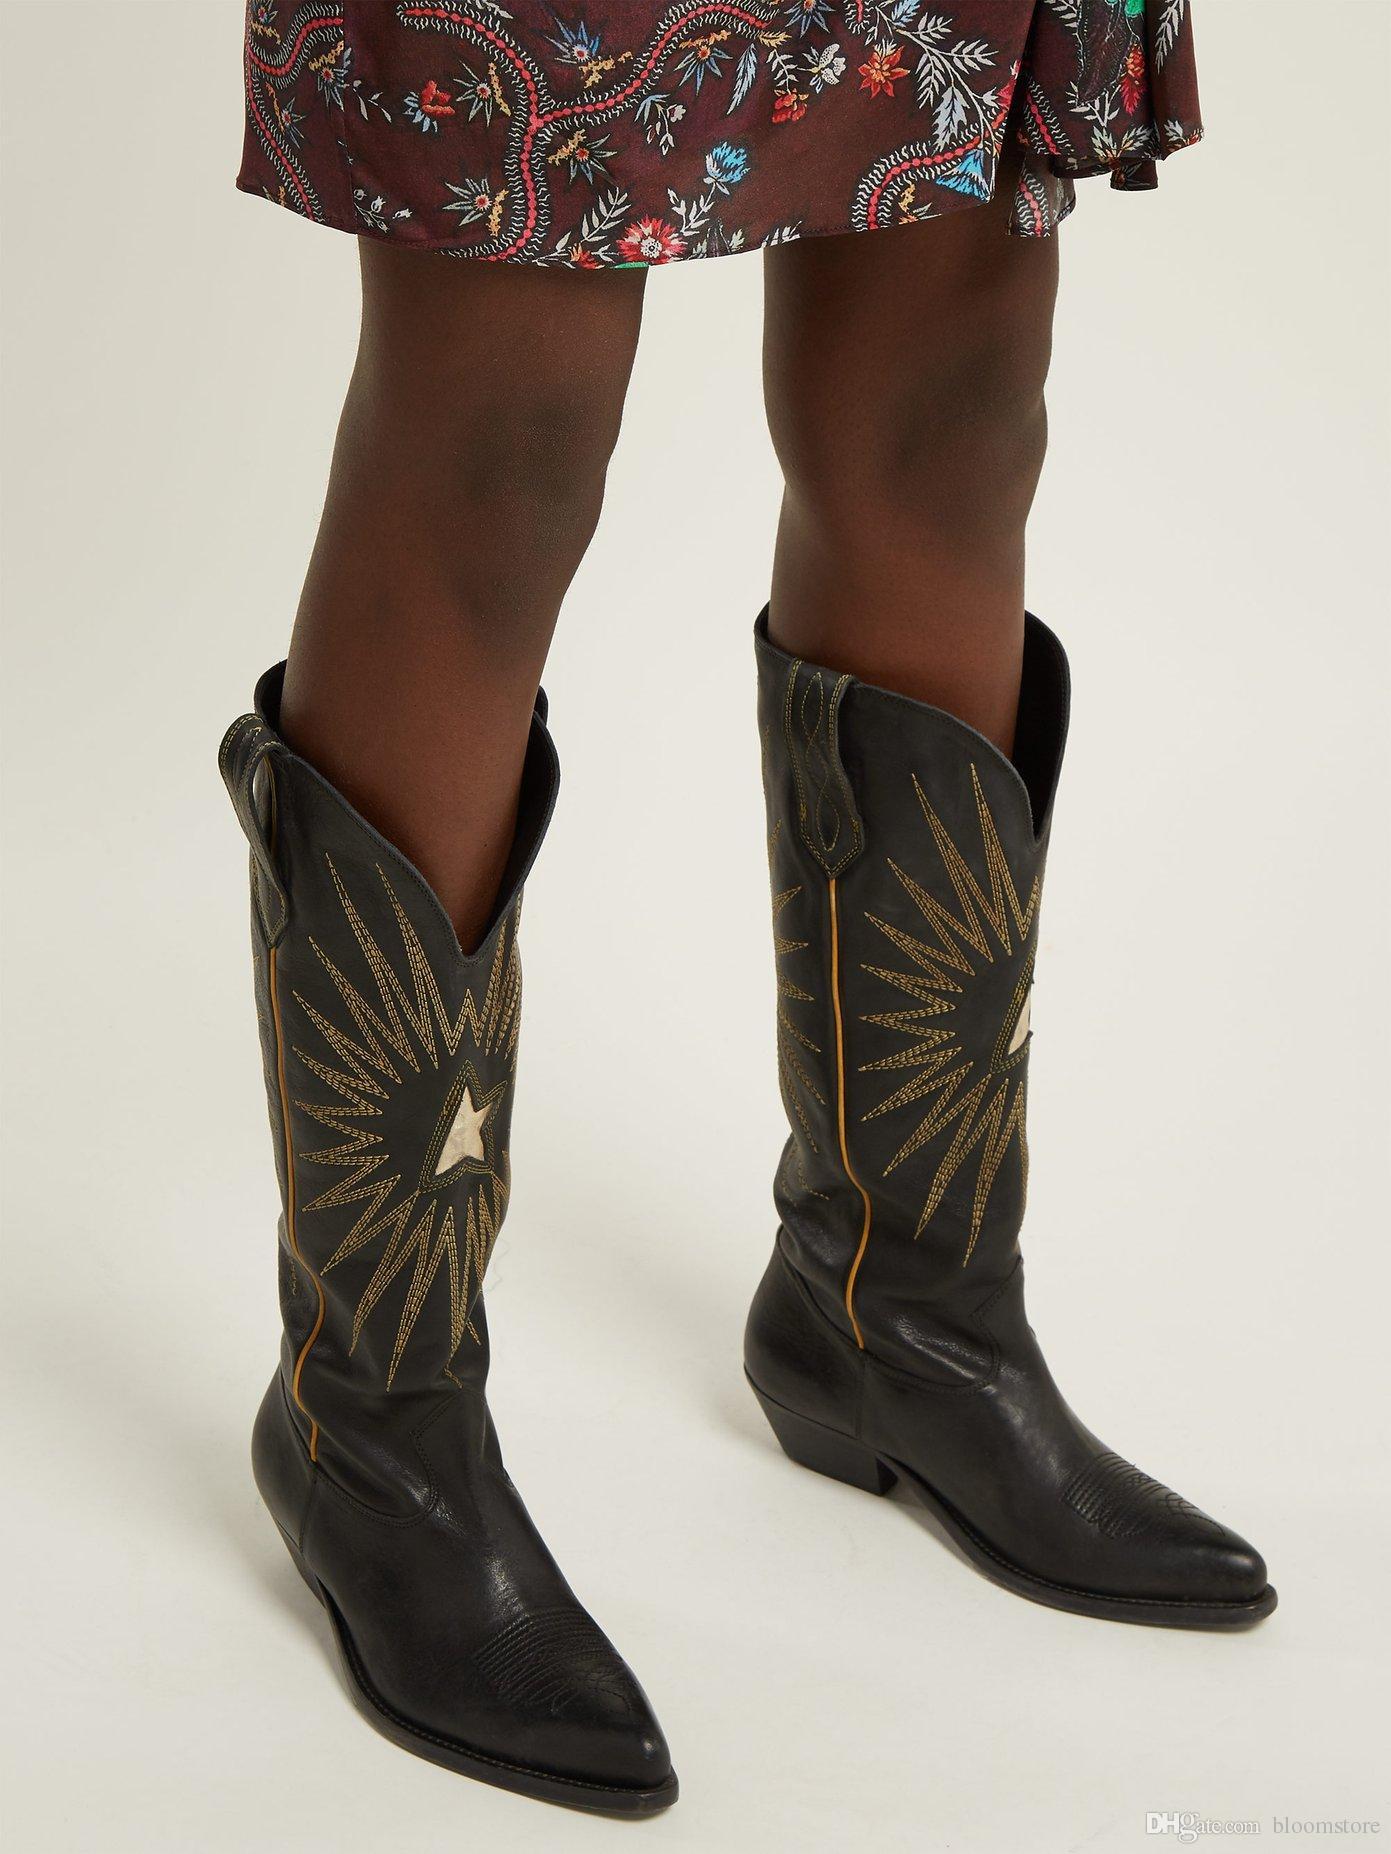 d8fa469274 Compre Bordado De Estrellas Para Mujer De Gamuza Rodilla Botas Altas  Bottines Largos Negro Marrón Diseñador Botas De Vaquero De Invierno Tacones  Gruesos ...